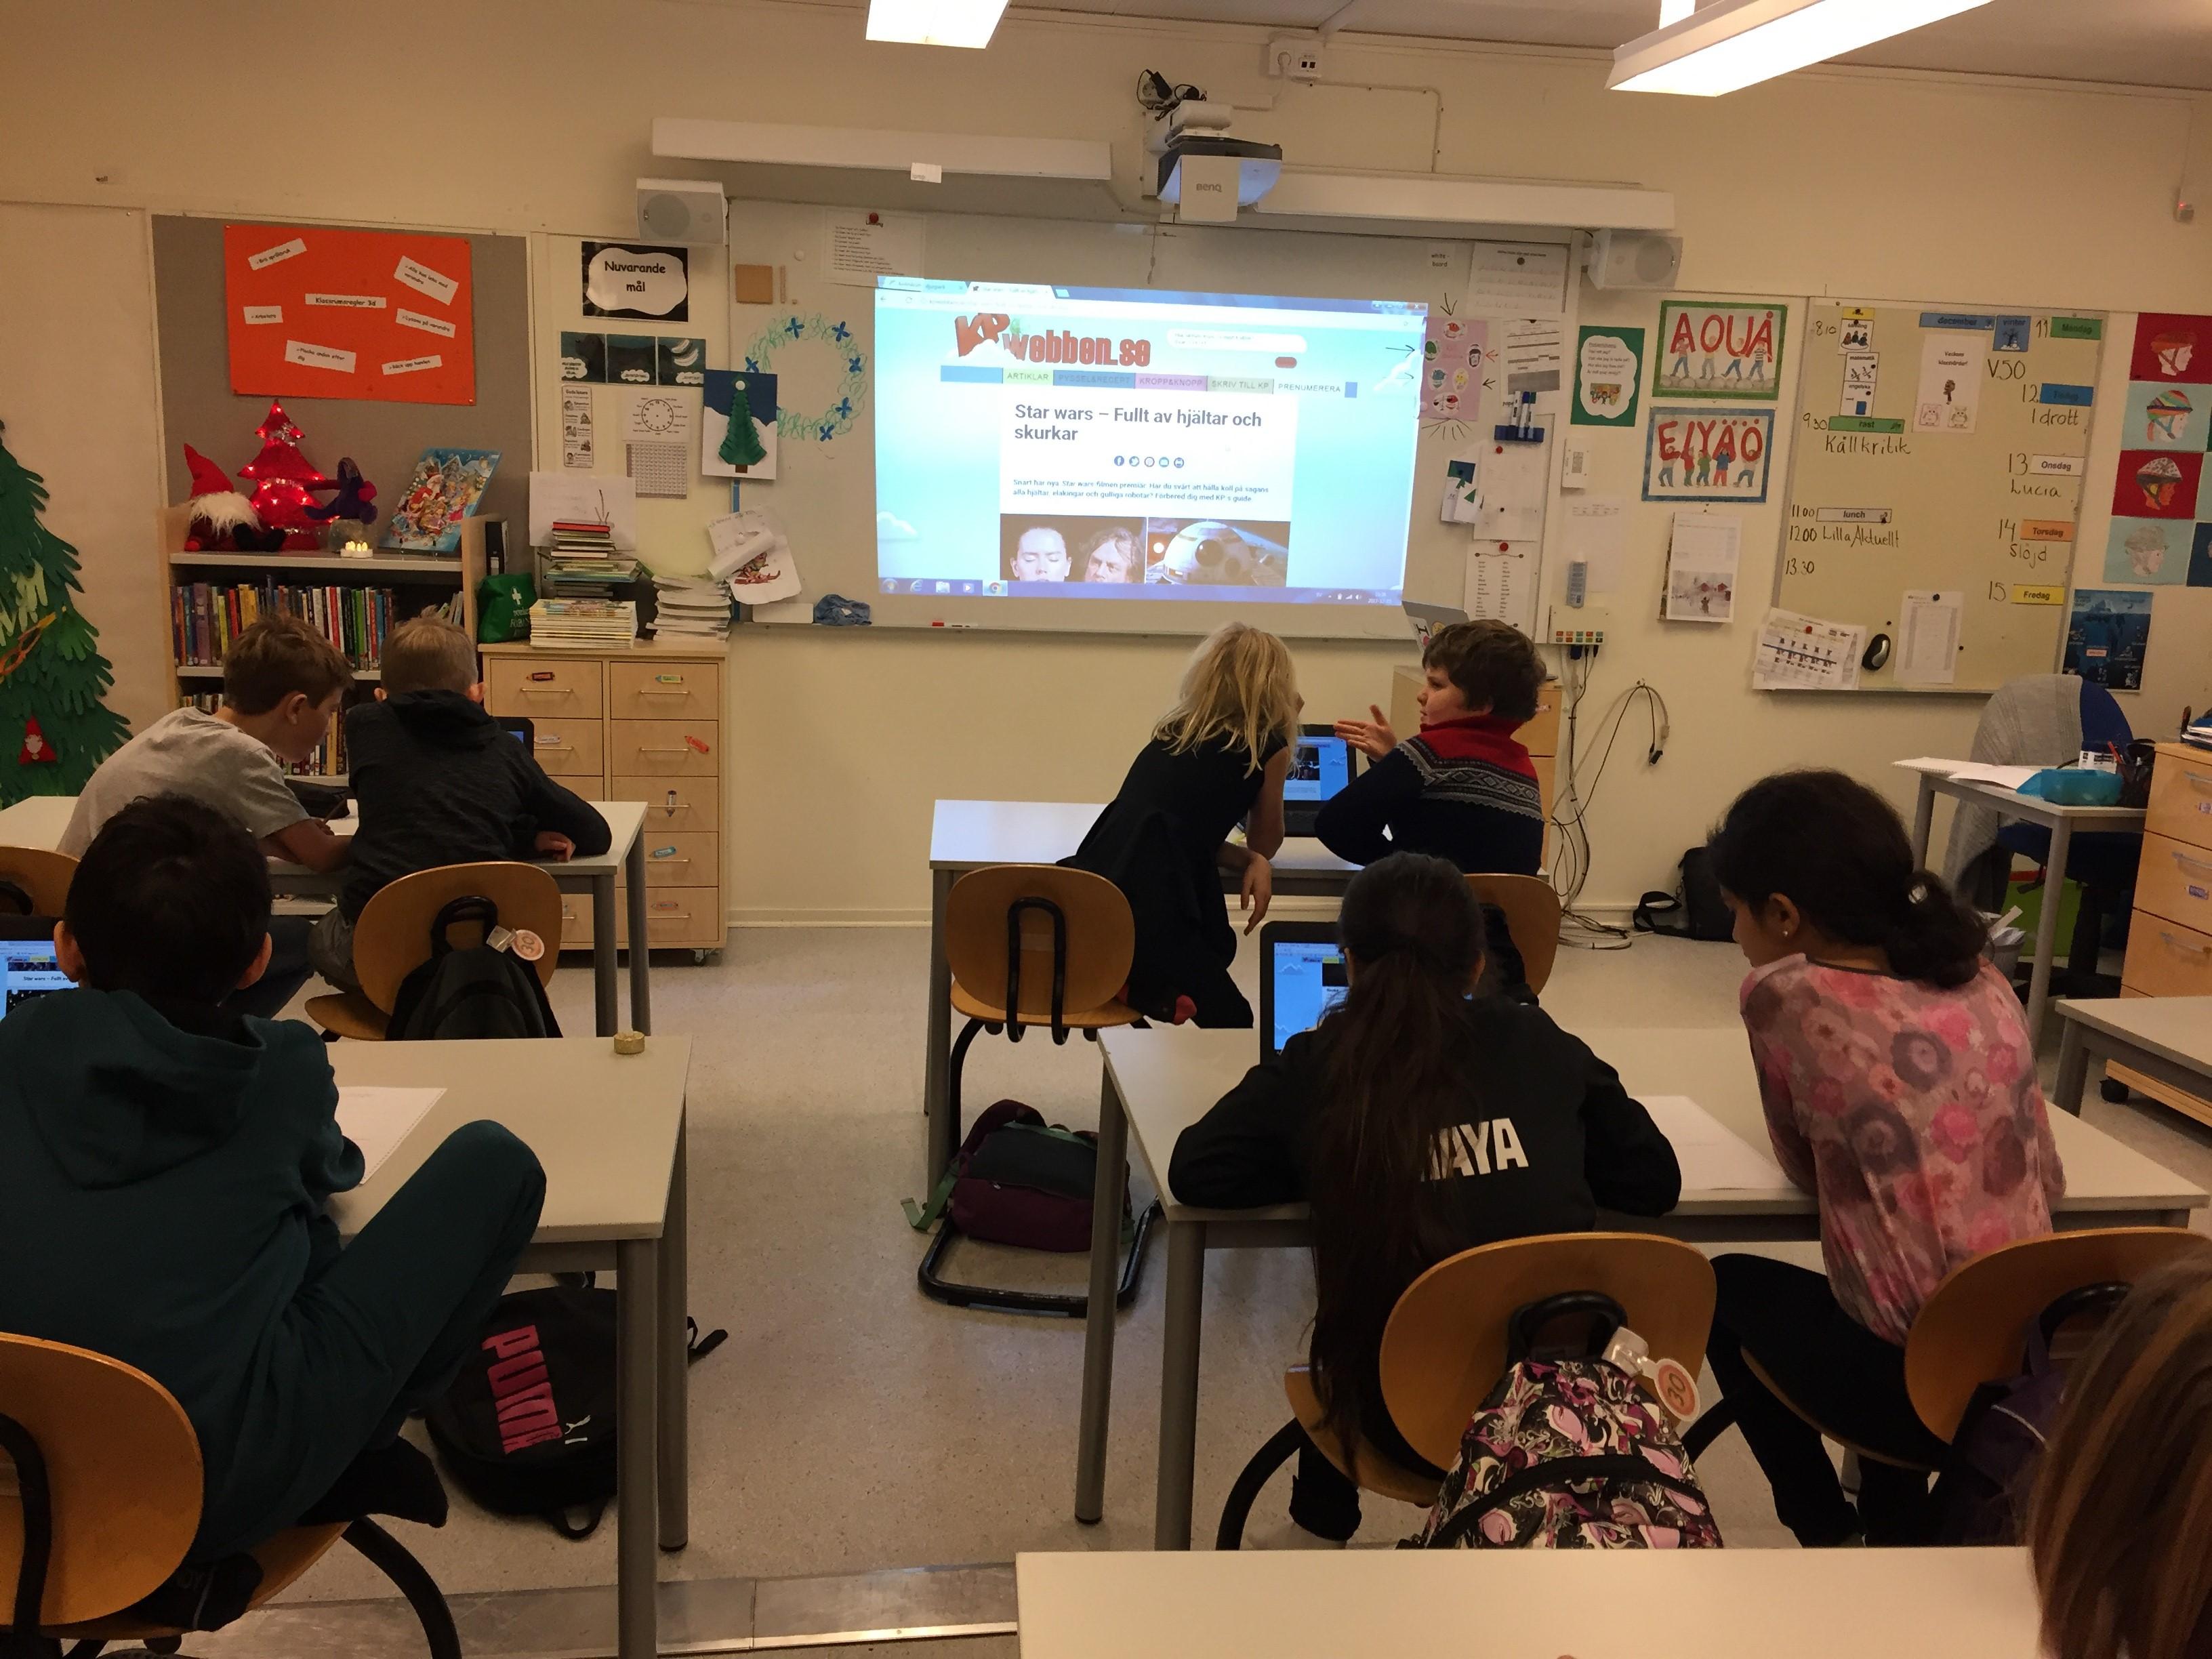 Elever sitter i klassrum sitter i bänkarna.